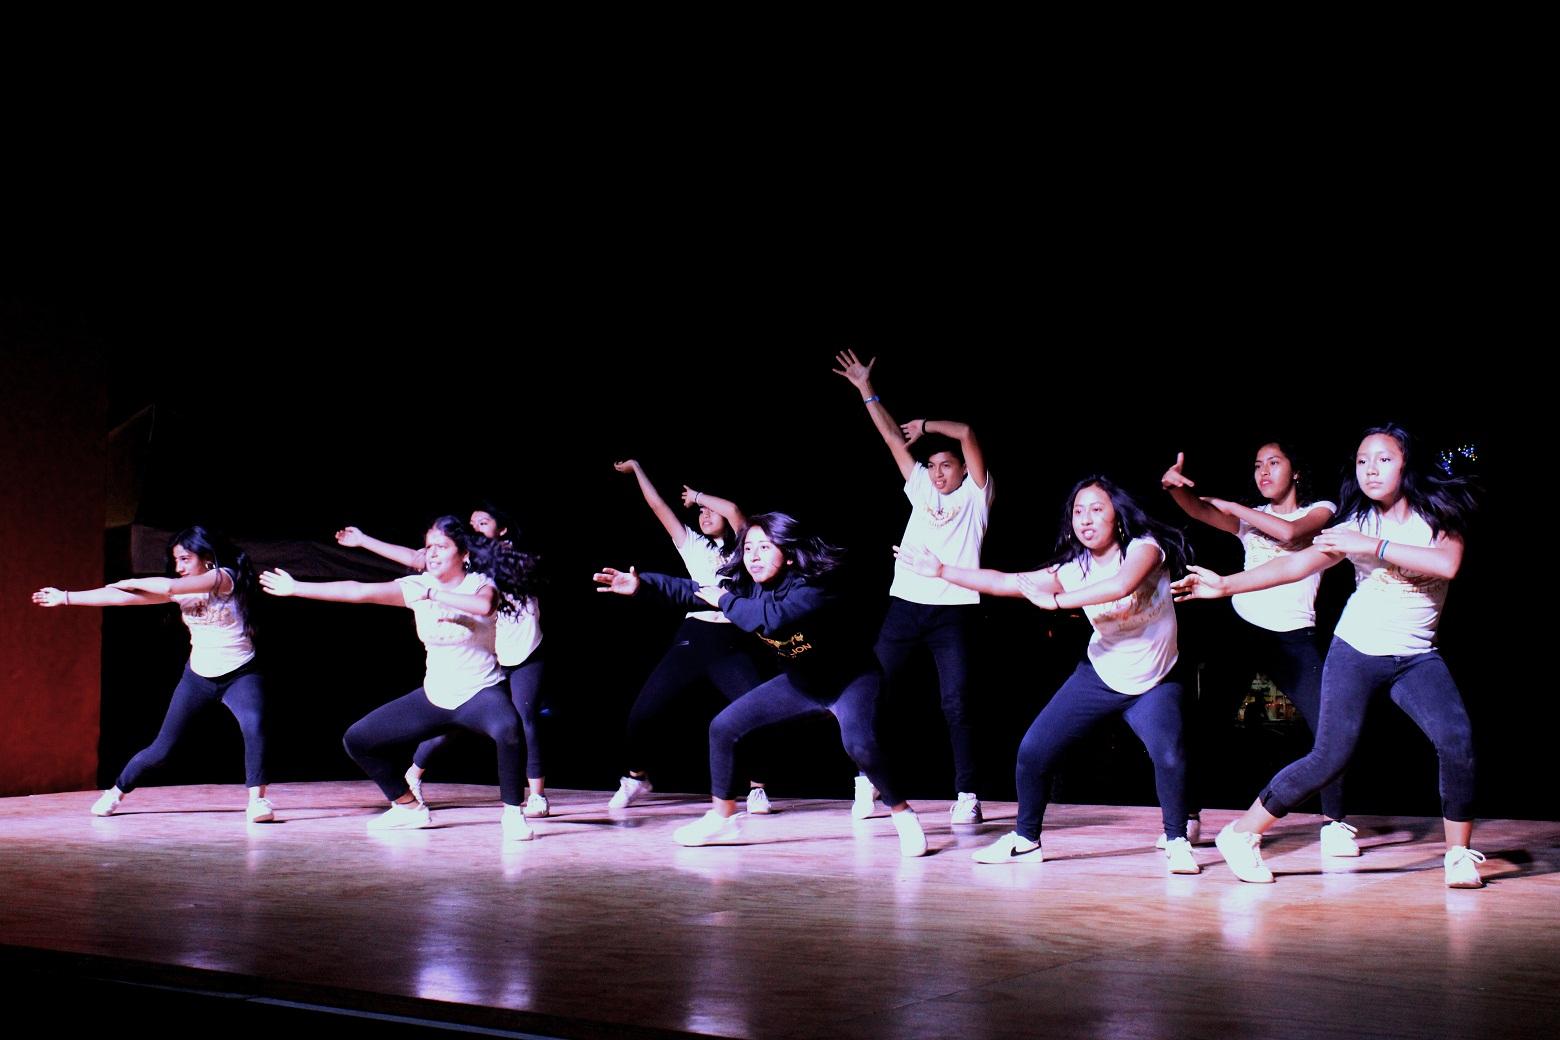 Espacios públicos de Oaxaca de Juárez  son escaparate del talento juvenil